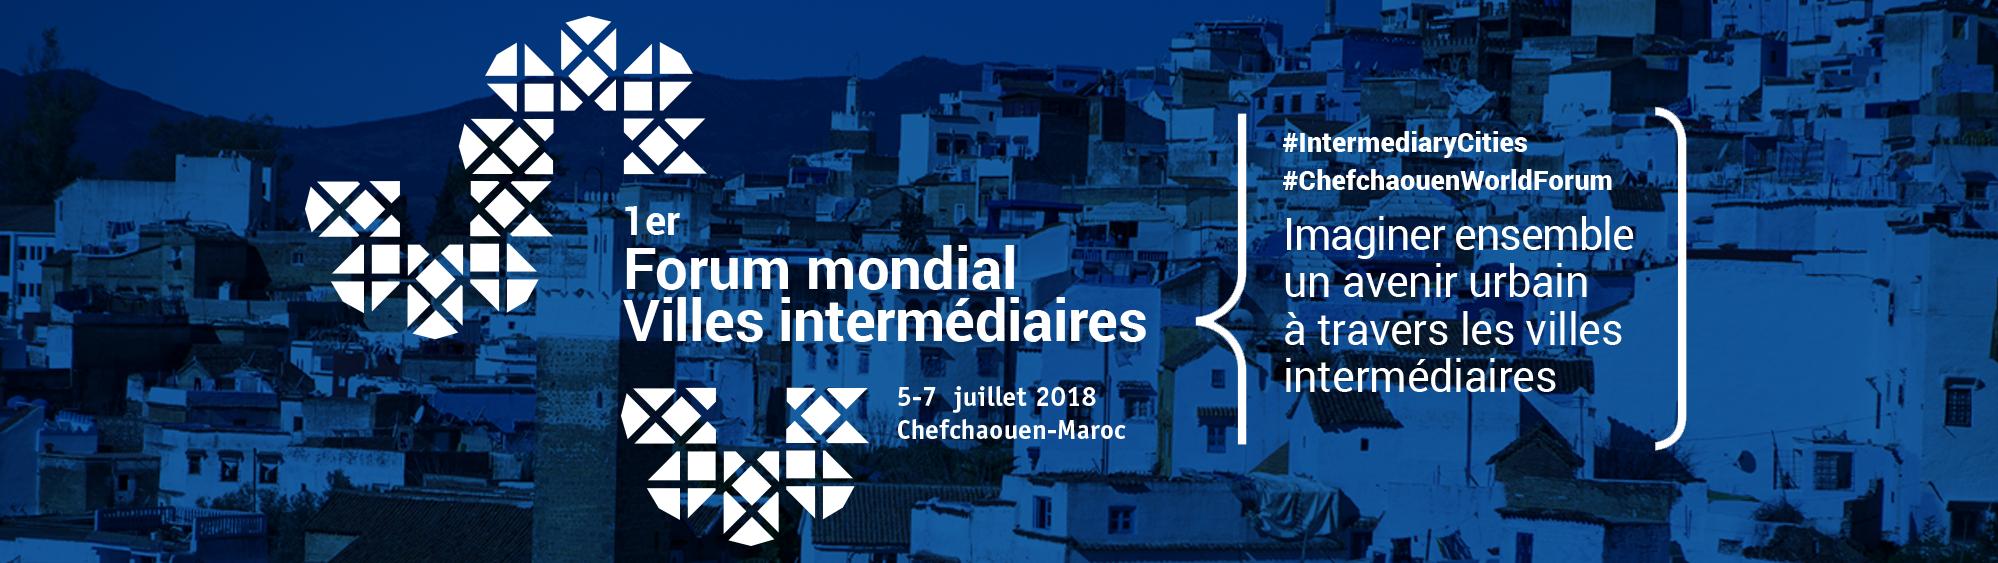 Forum mondial Villes Intermédiaires